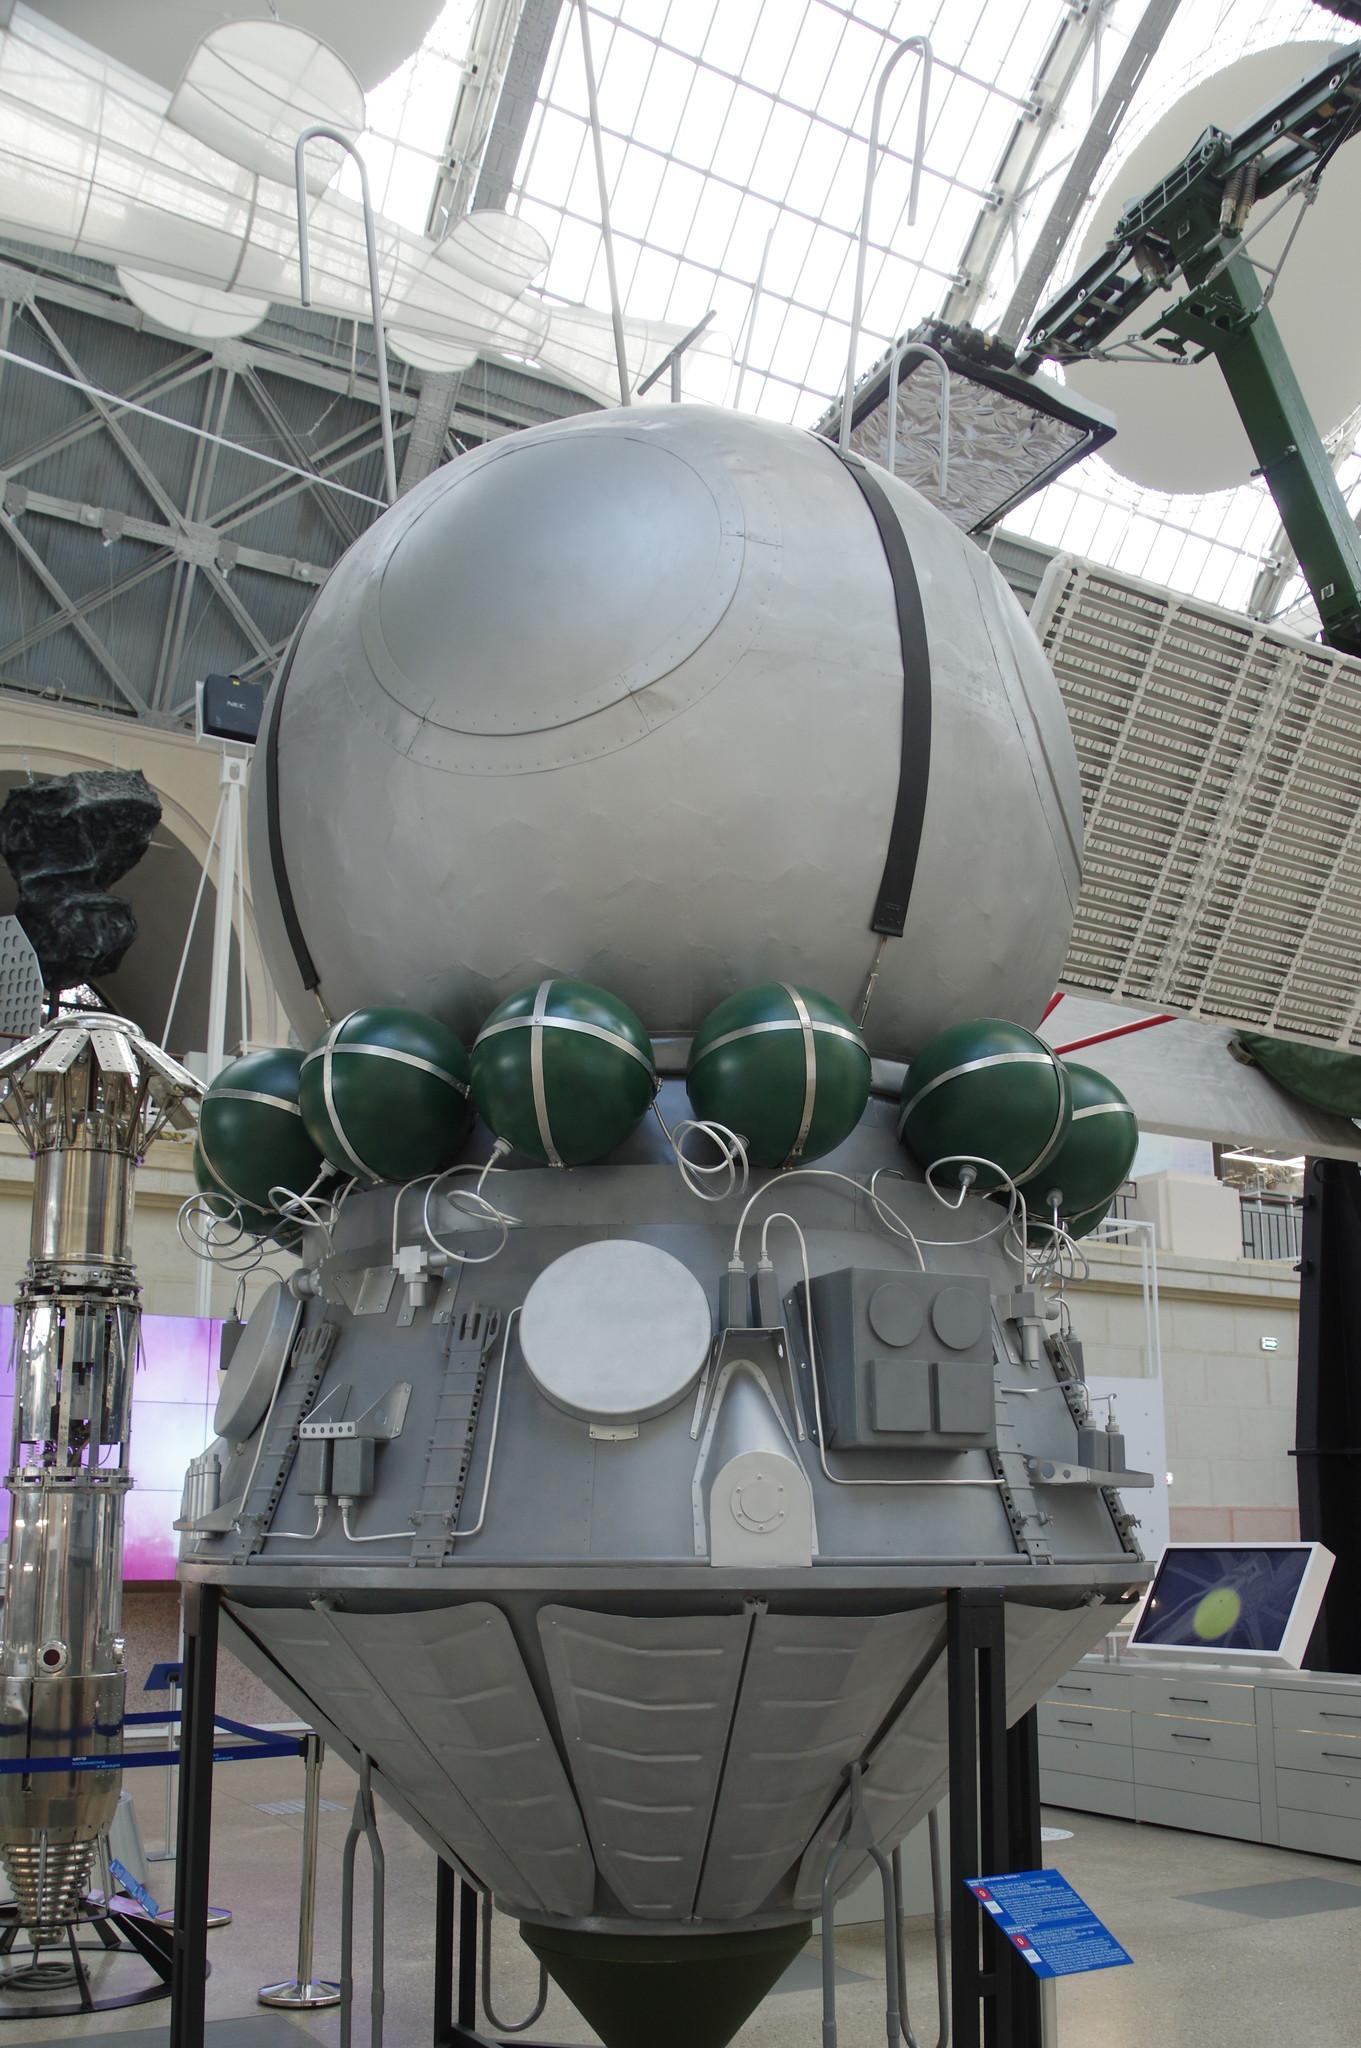 Космический корабль «Восток-1». Макет 1:1. Центр «Космонавтика и авиация» на ВДНХ